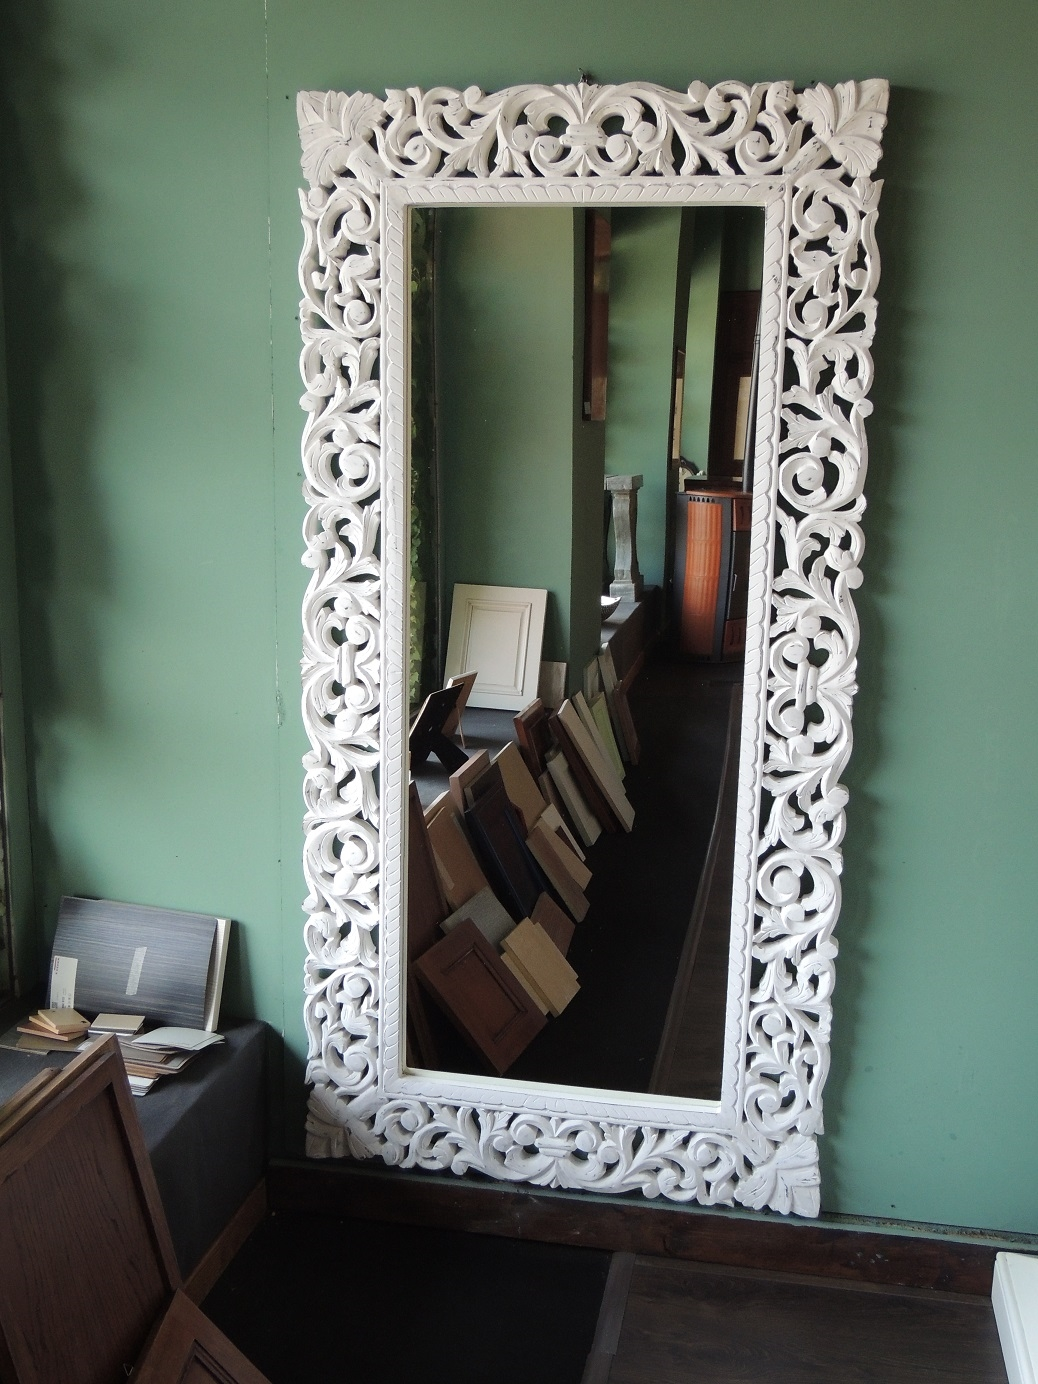 specchio da parete con cornice in legno decapata bianca